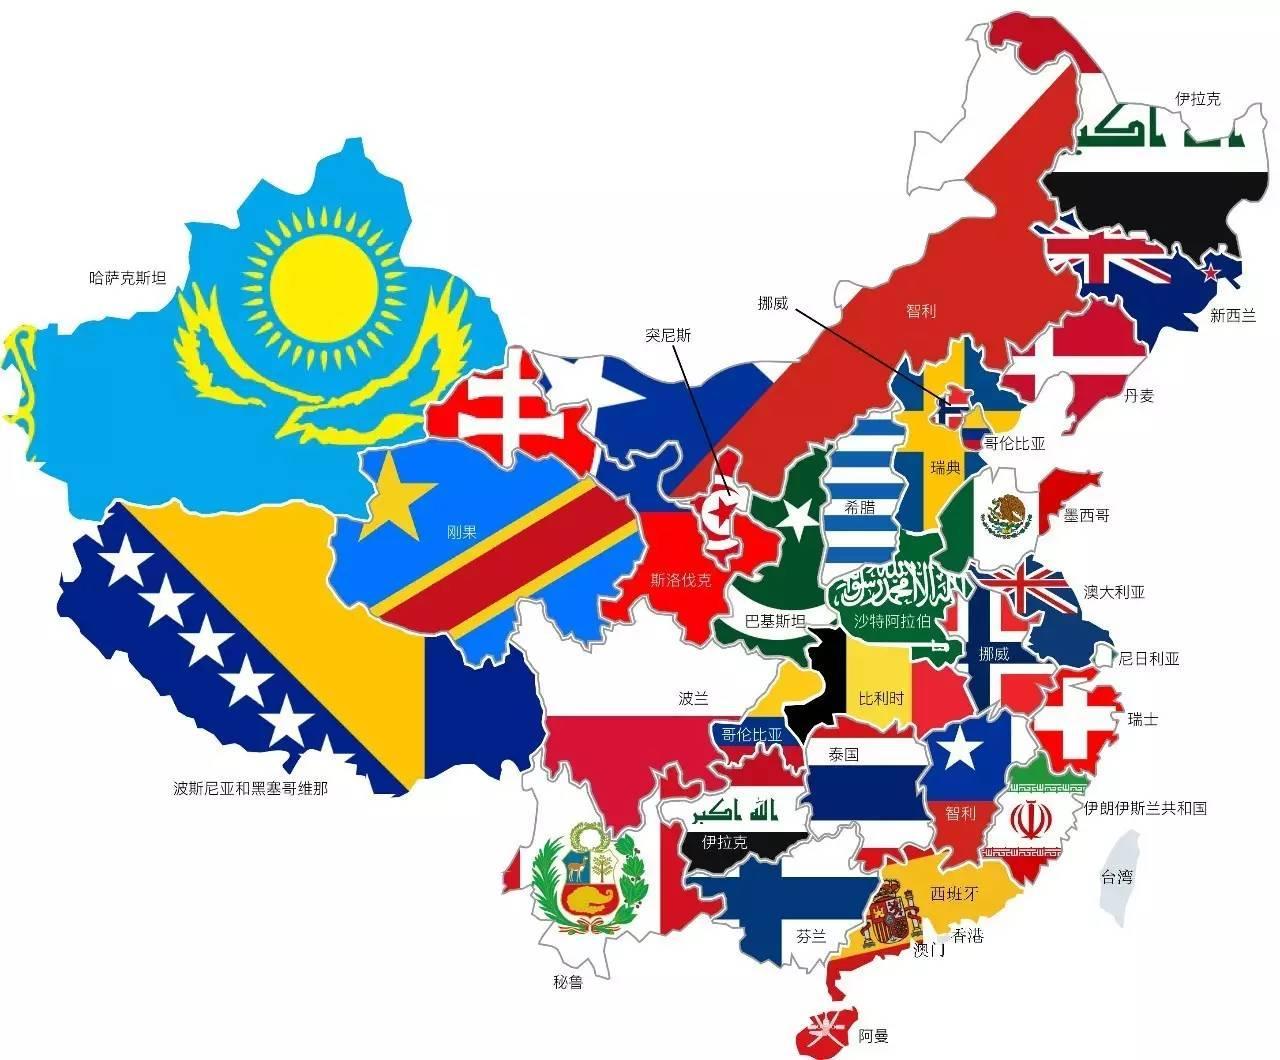 浙江gdp_浙江明年GDP增速目标确定为9 CPI控制在4